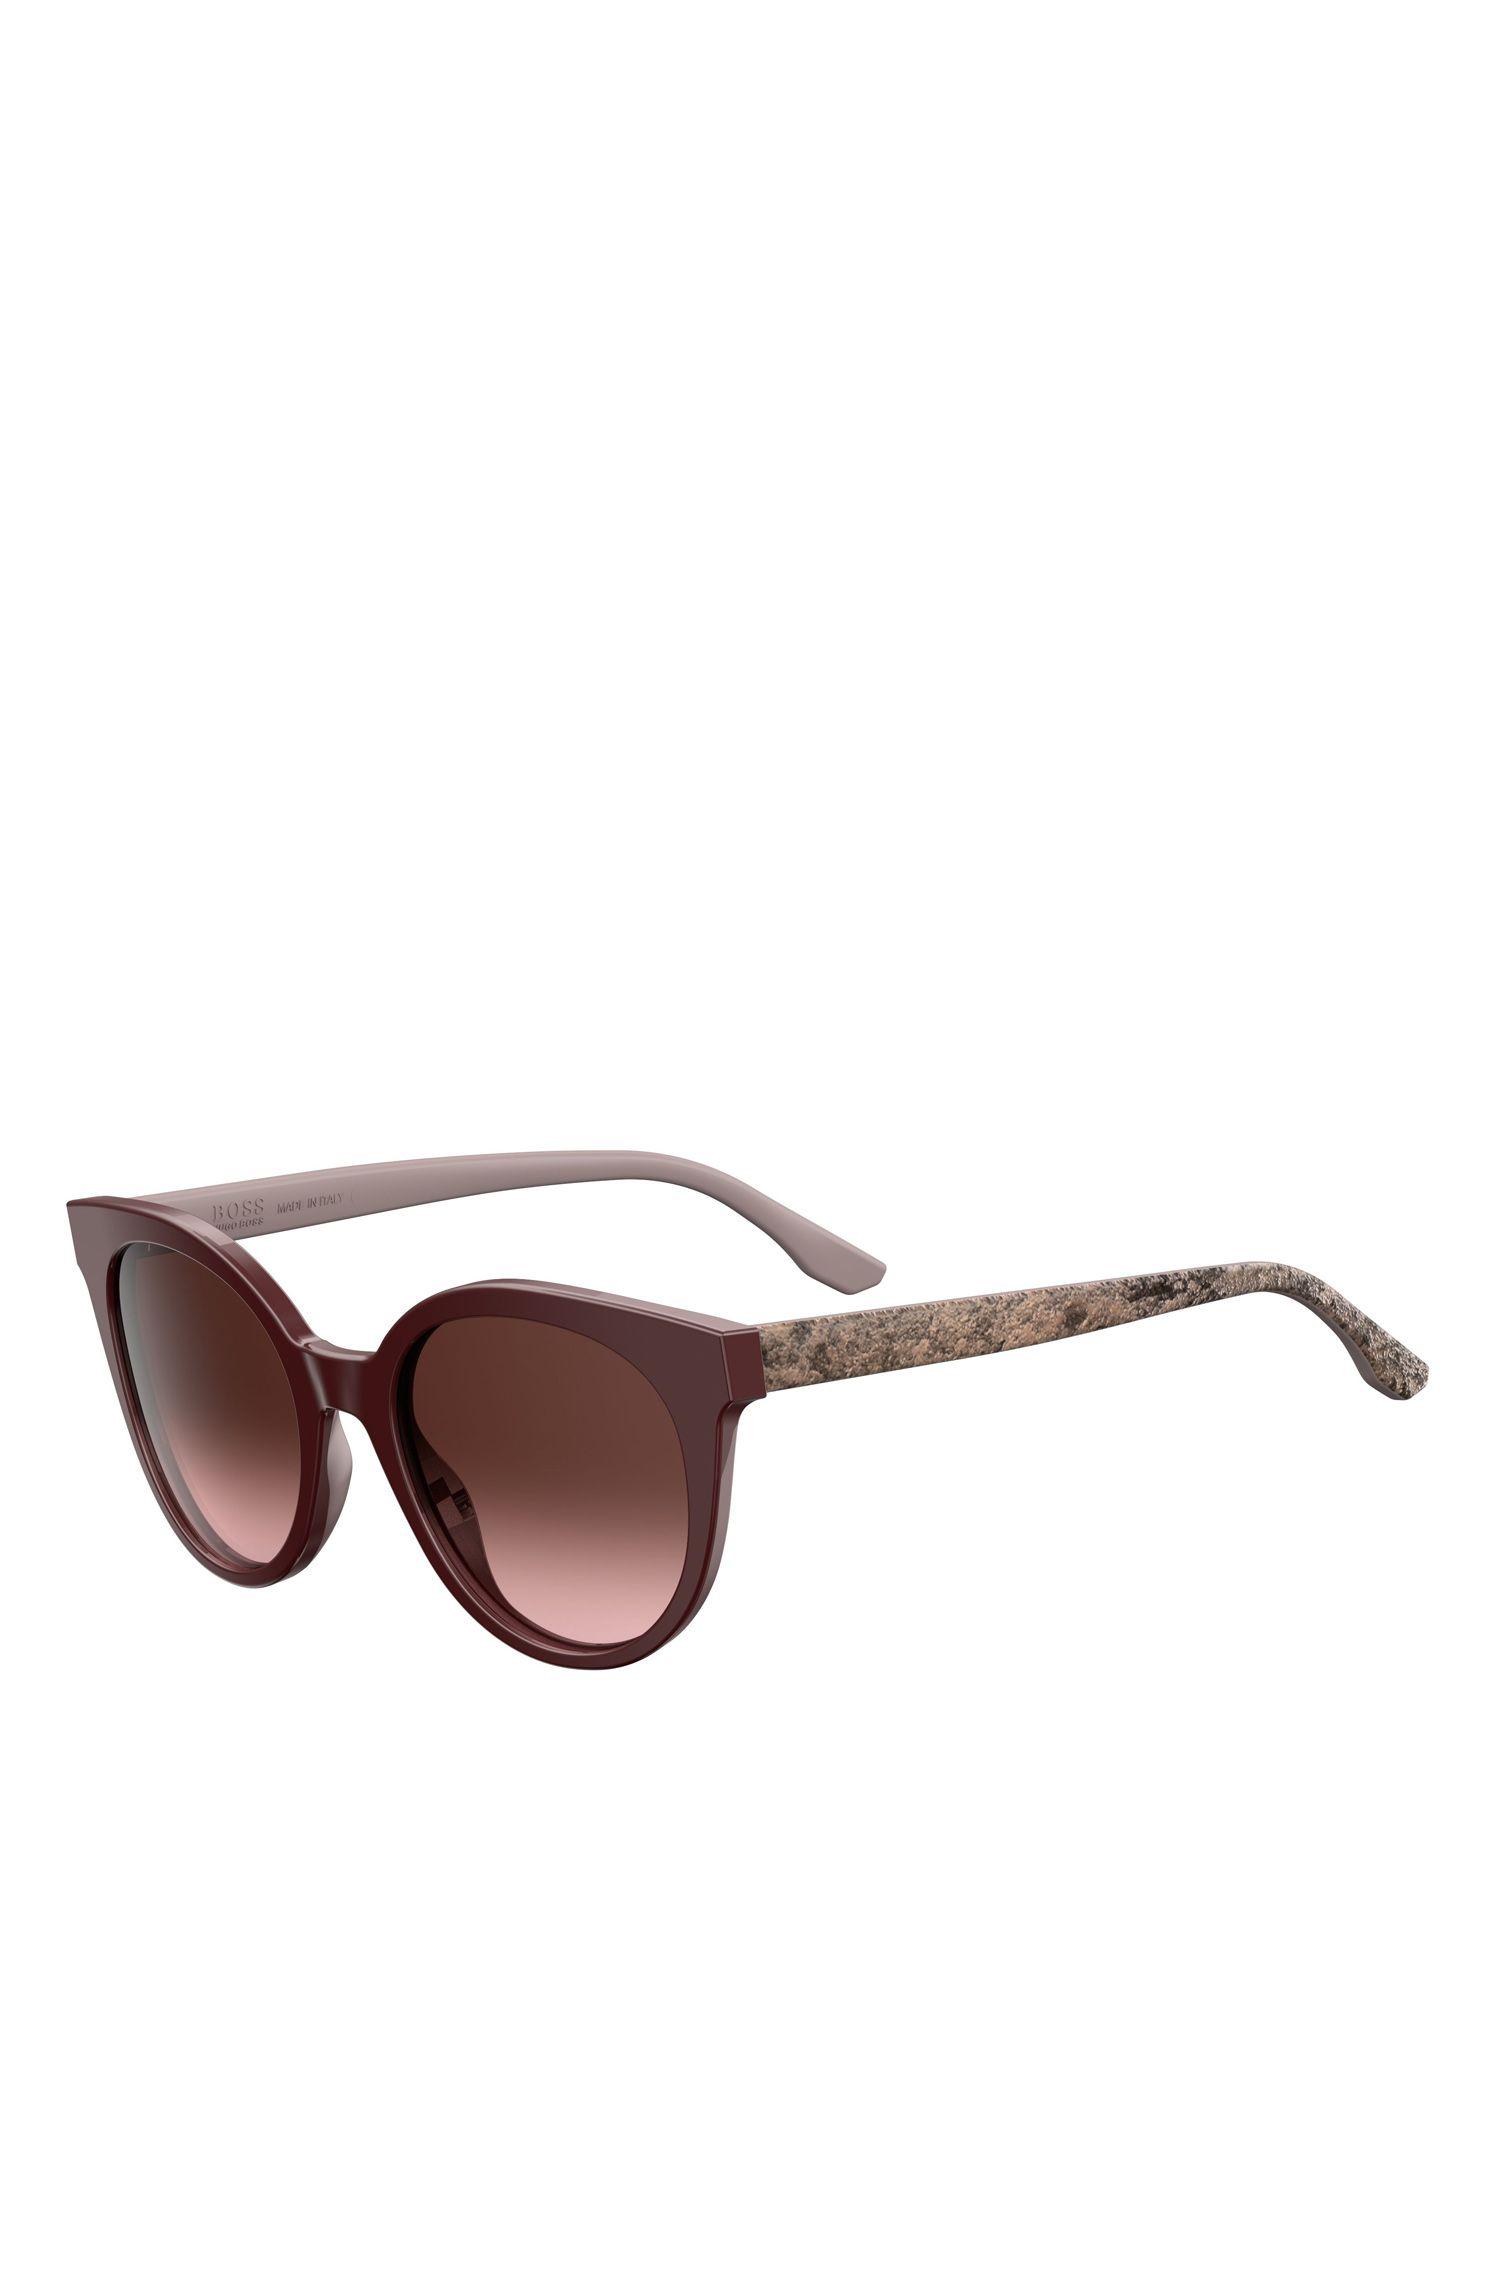 'BOSS 0890S' | Burgundy Acetate Round Sunglasses